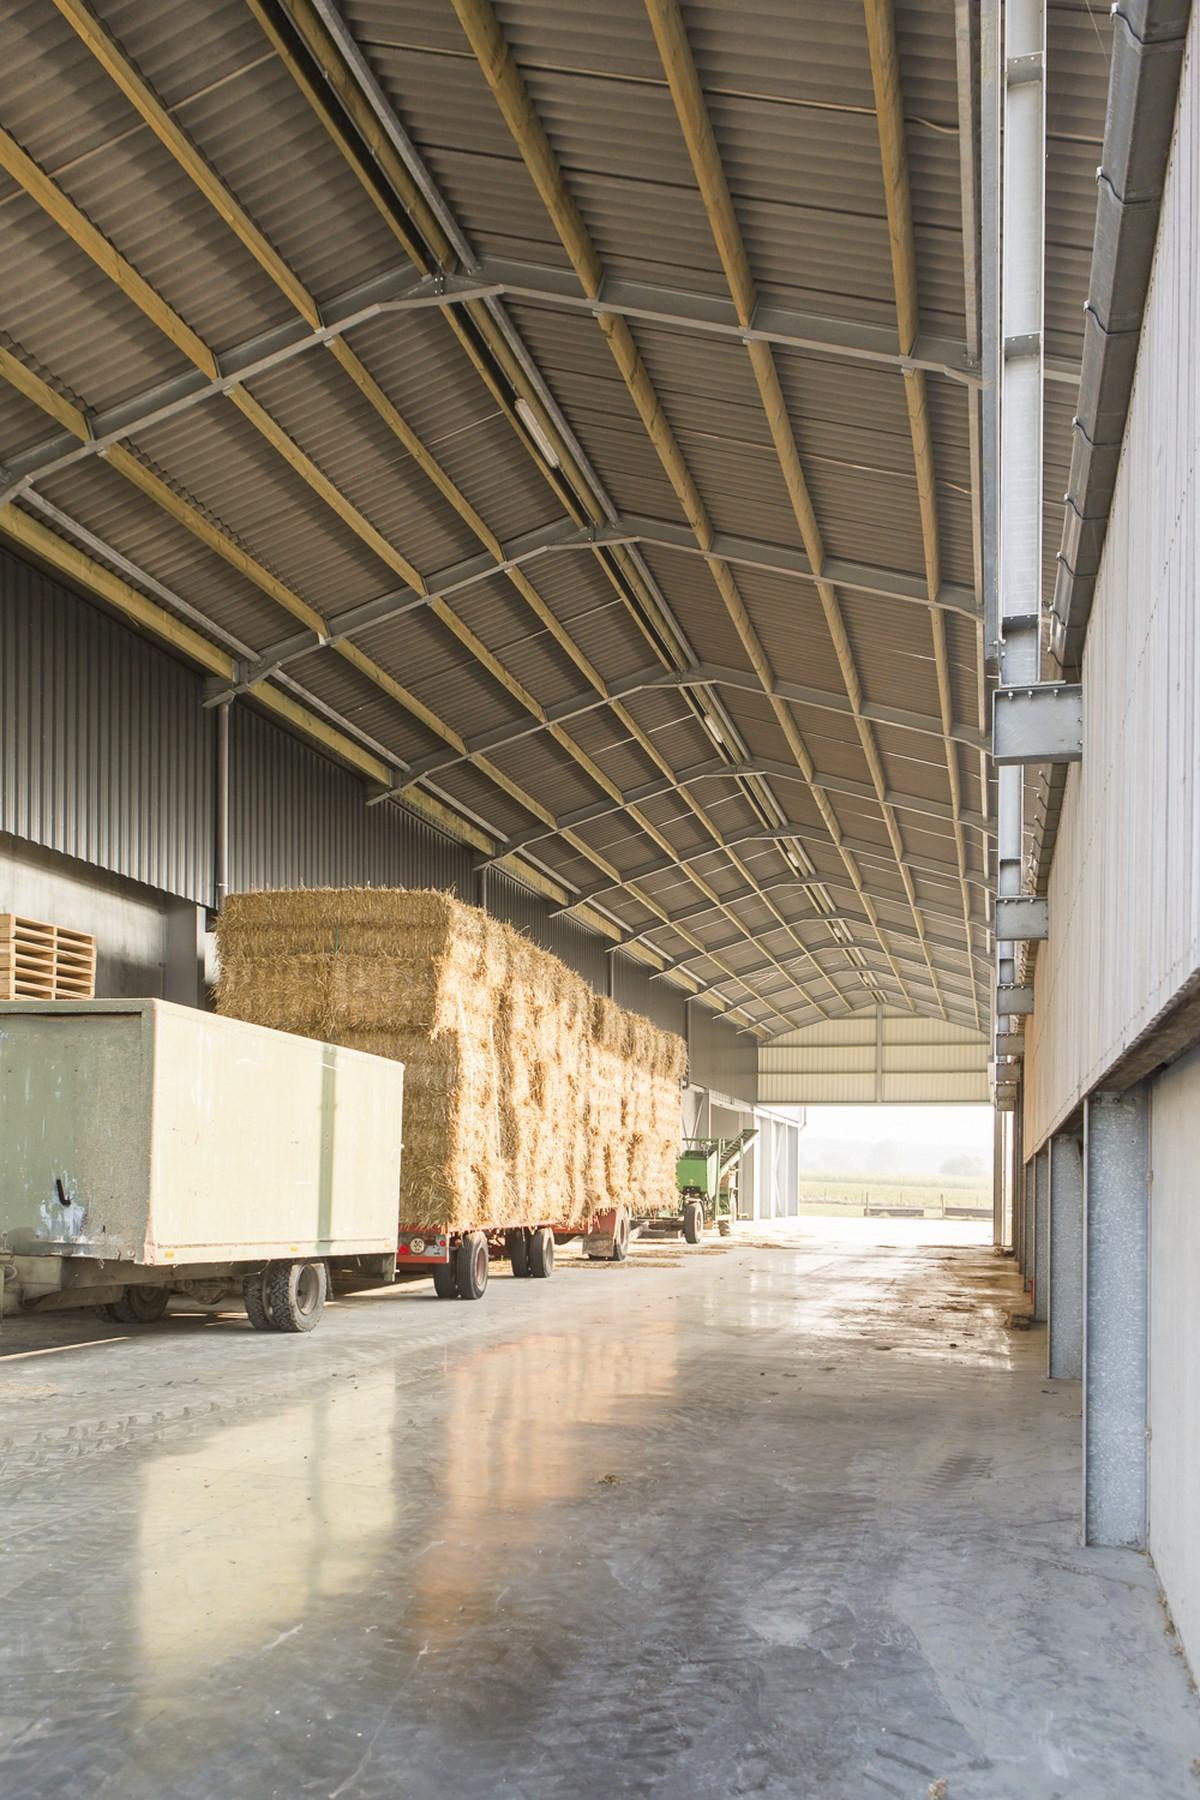 LV Dauchy_Wijtschate_aardappelloods_hangar_pomme_de_terre9.jpg